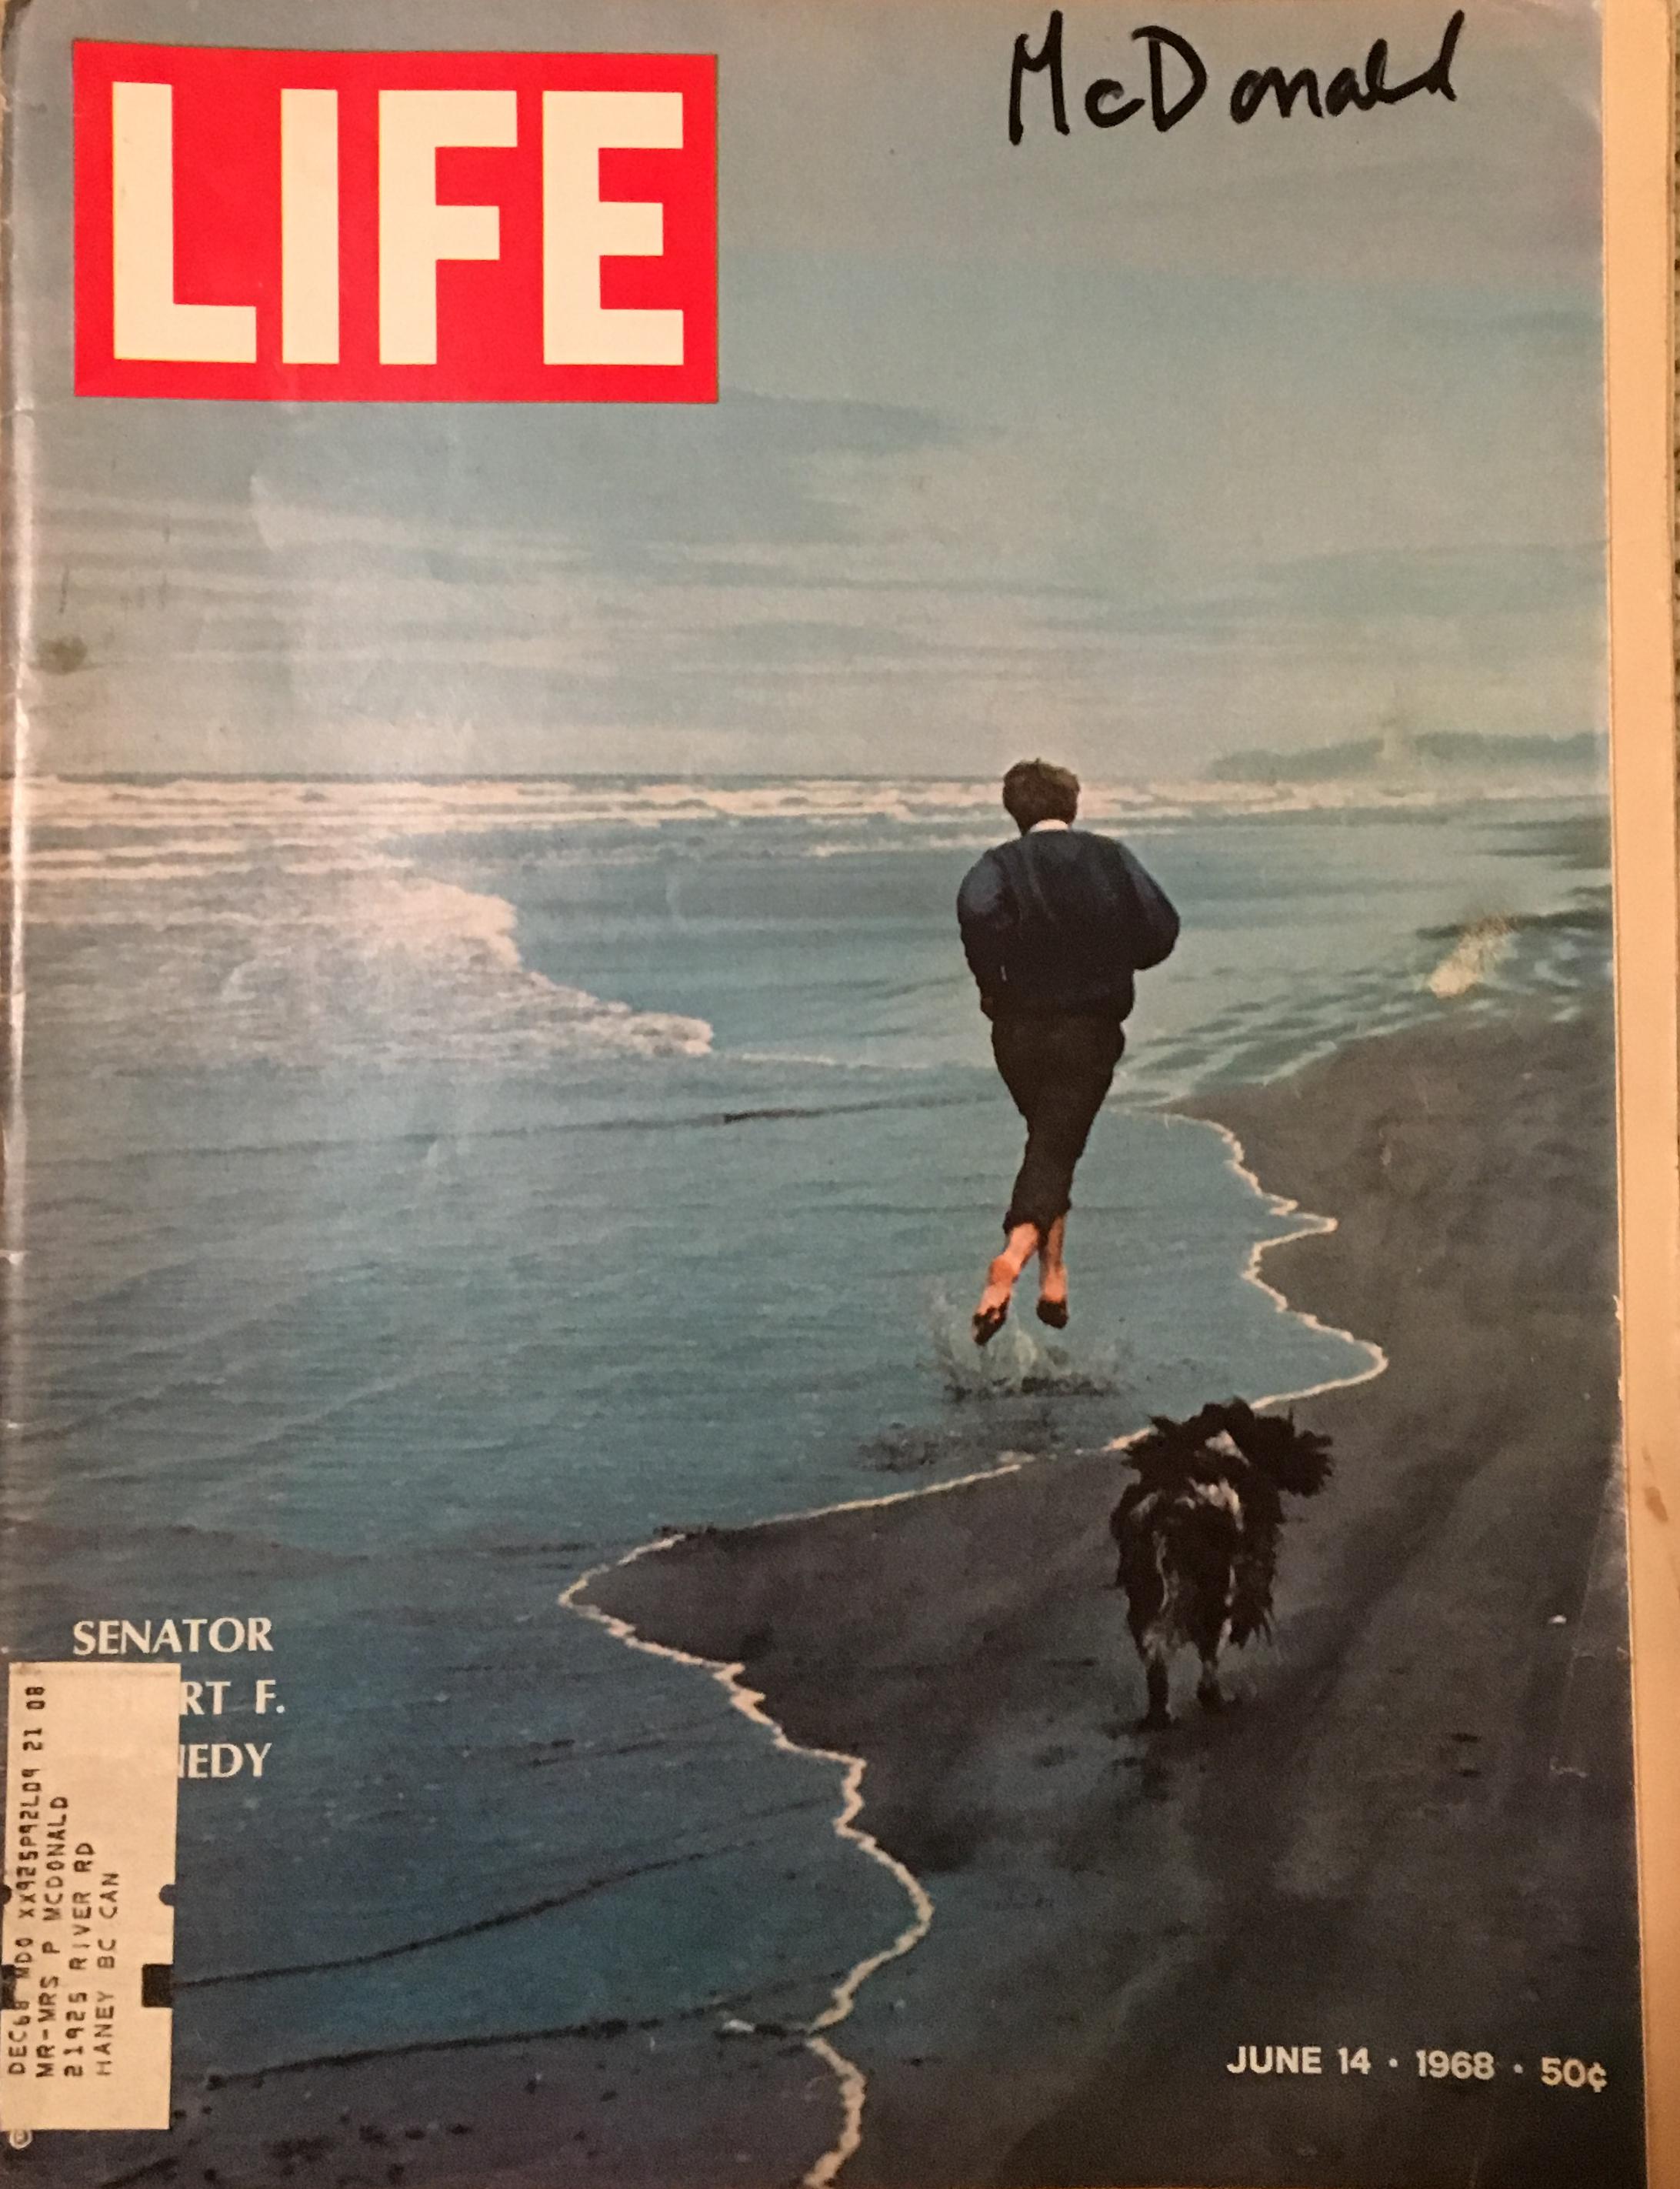 RFK Life.png